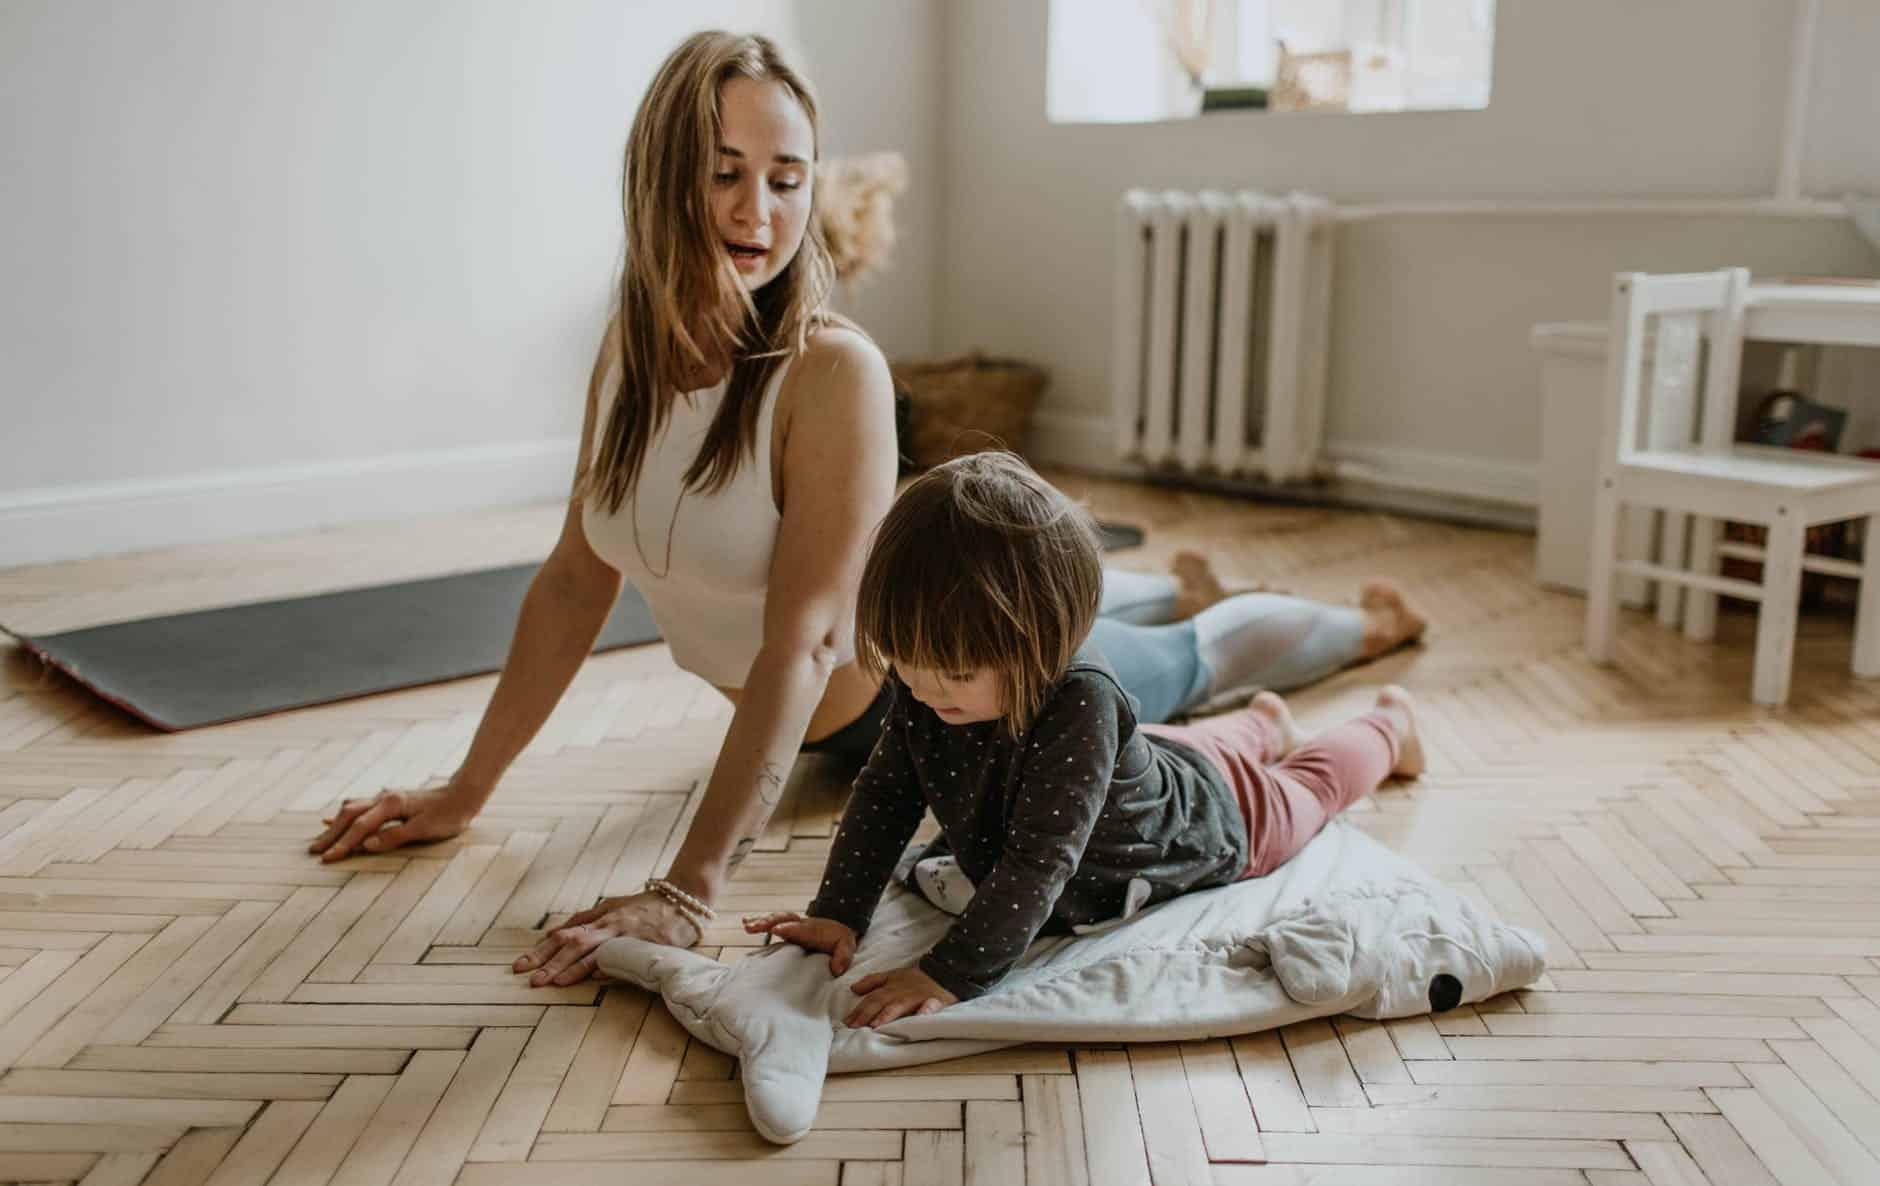 Citation Comment profiter de la quarantaine pour connecter avec ses enfants